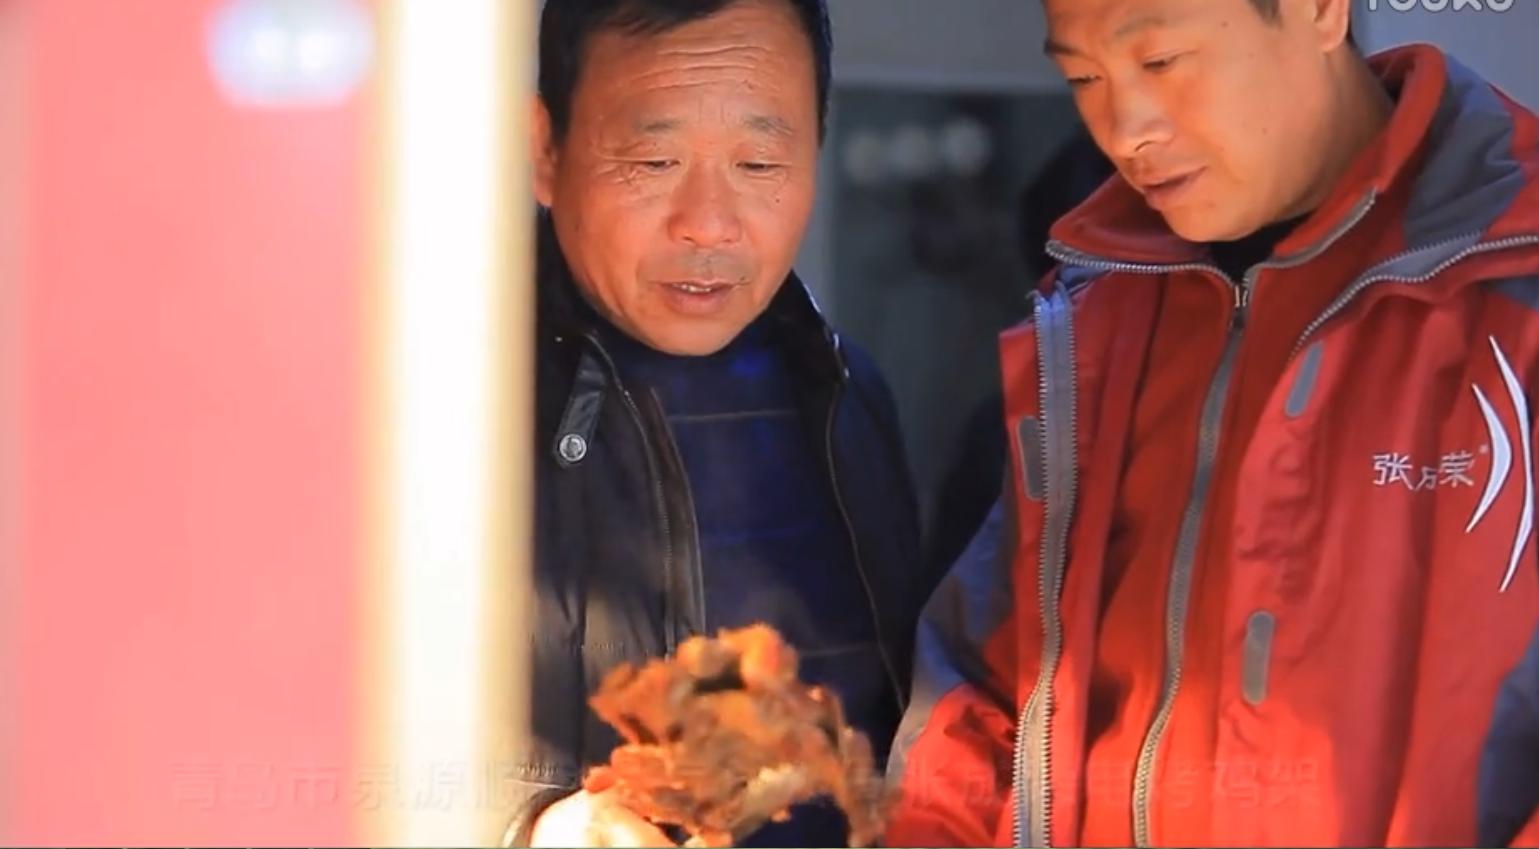 铁板鸡架培训学费多少,张成荣电烤鸡架总部免费教技术